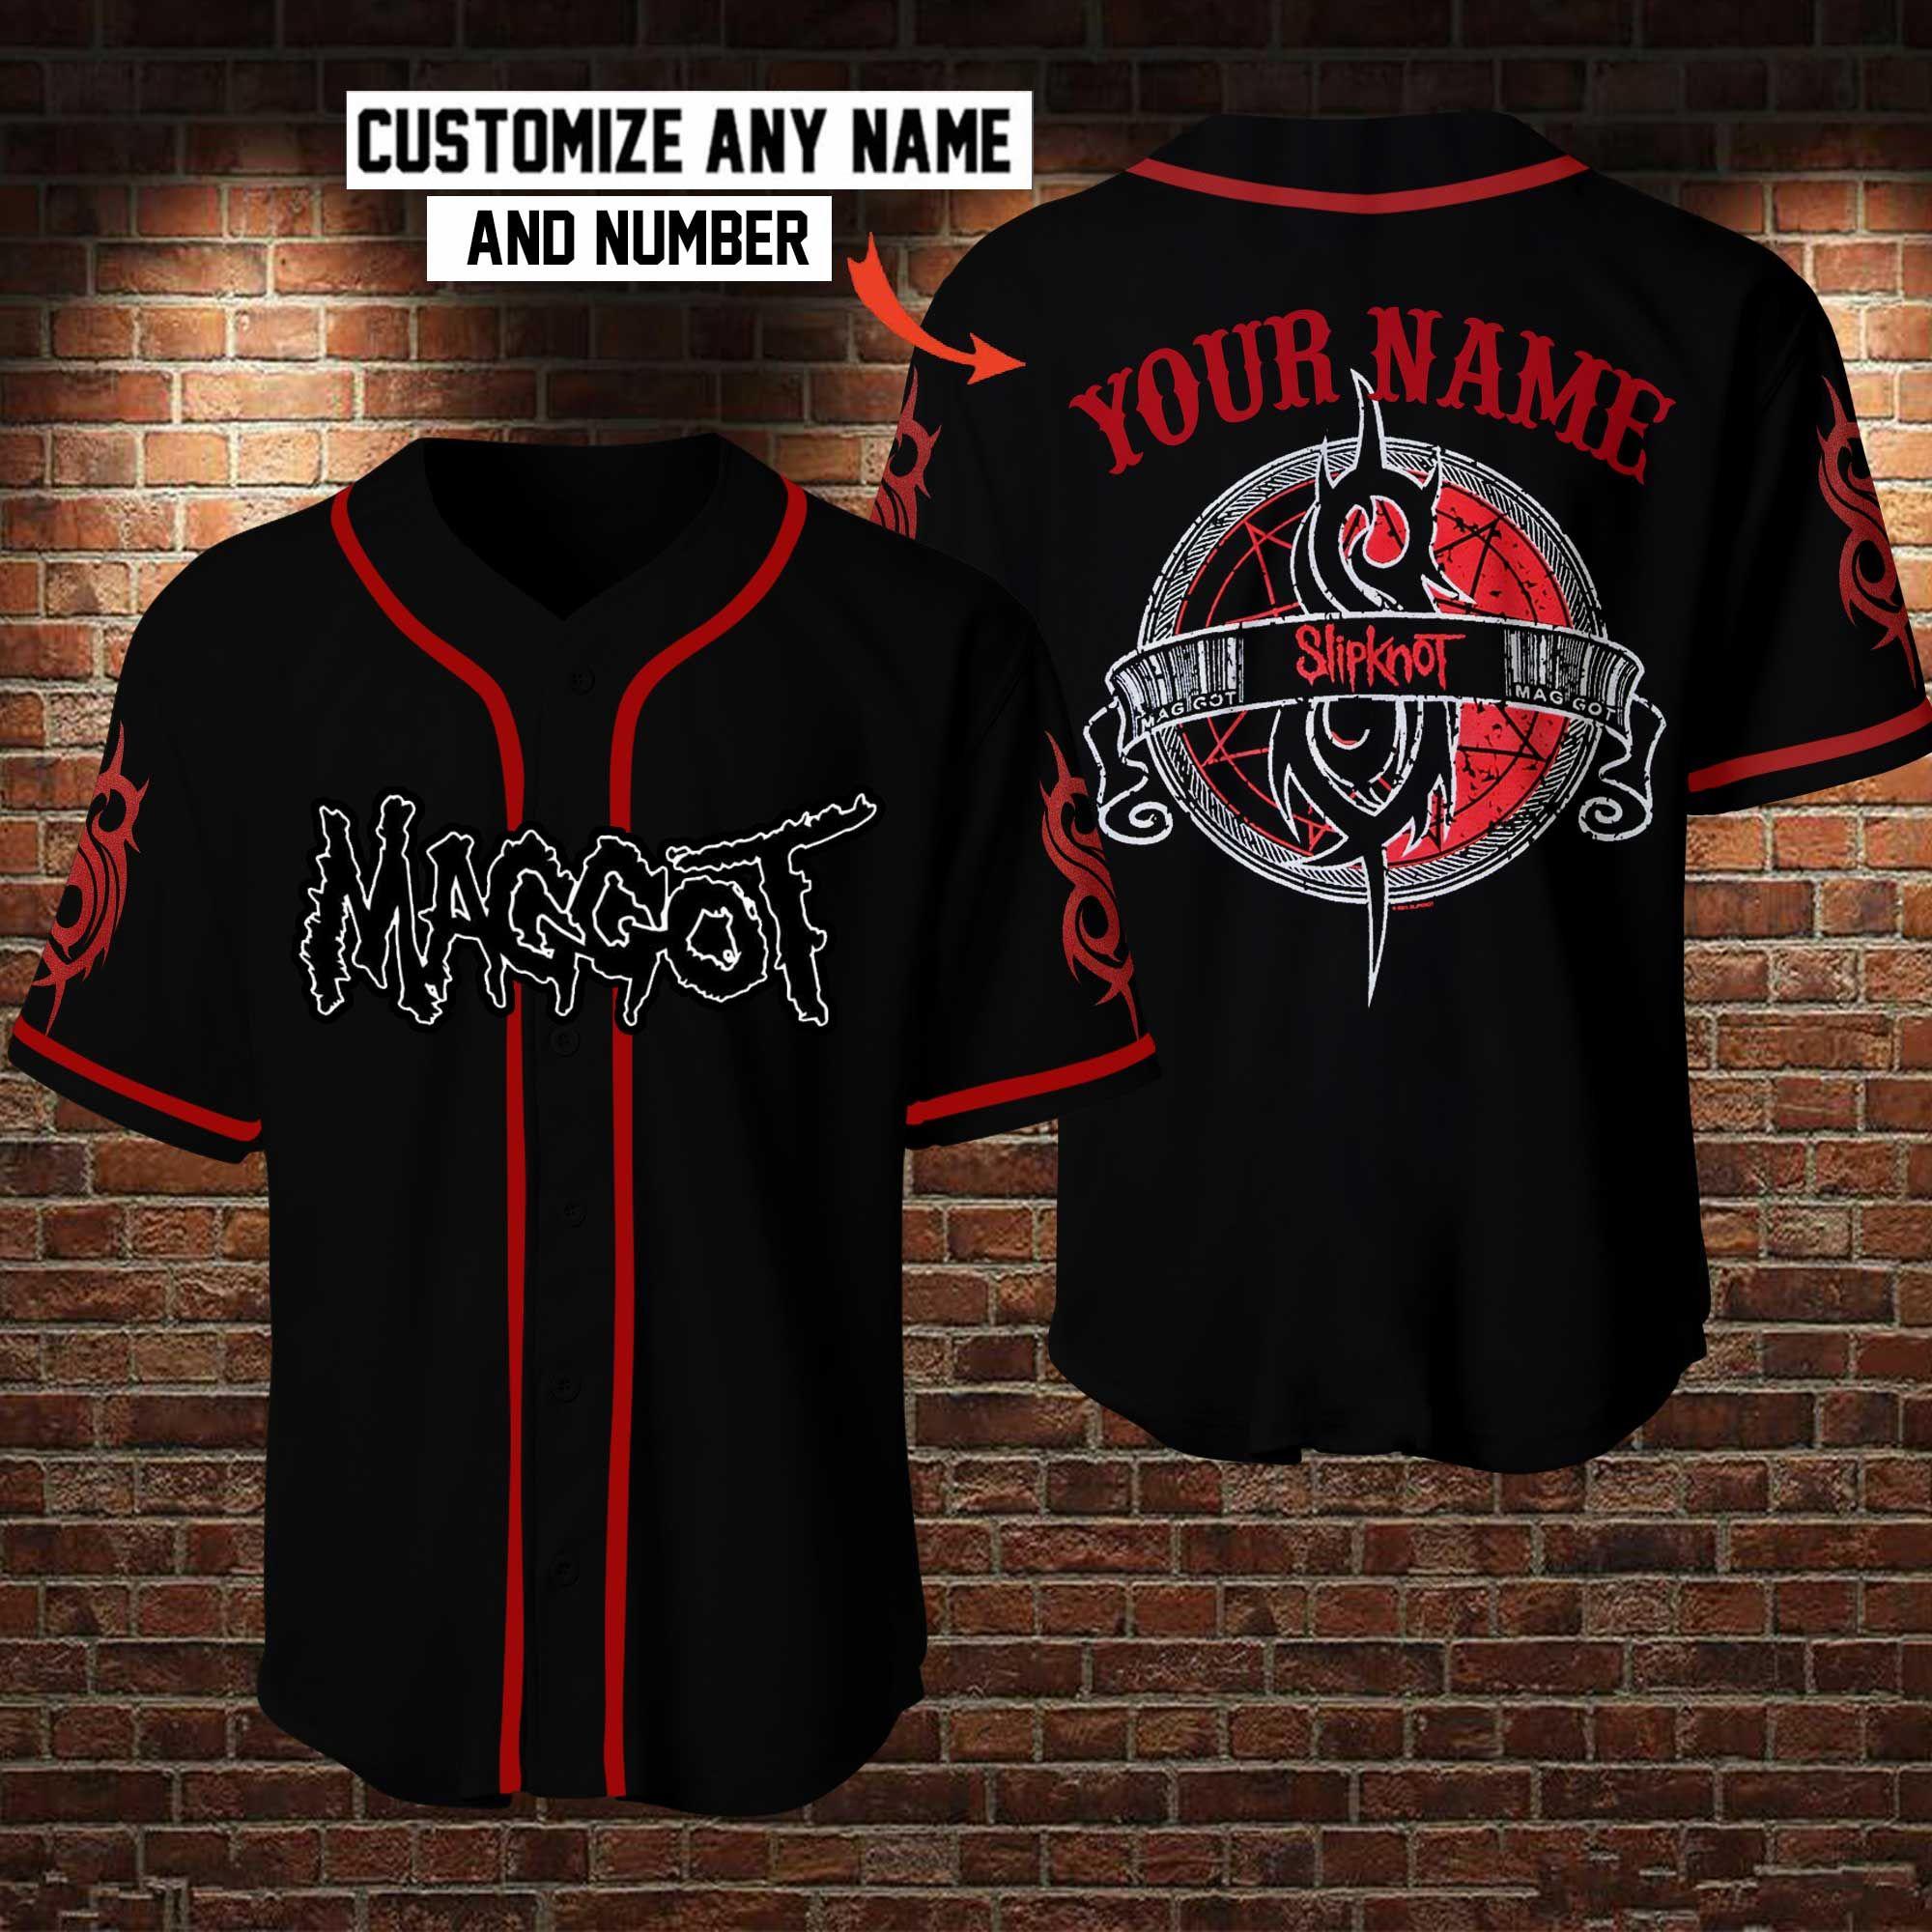 Maggot Slipknot Custom Name Baseball Jersey Shirt